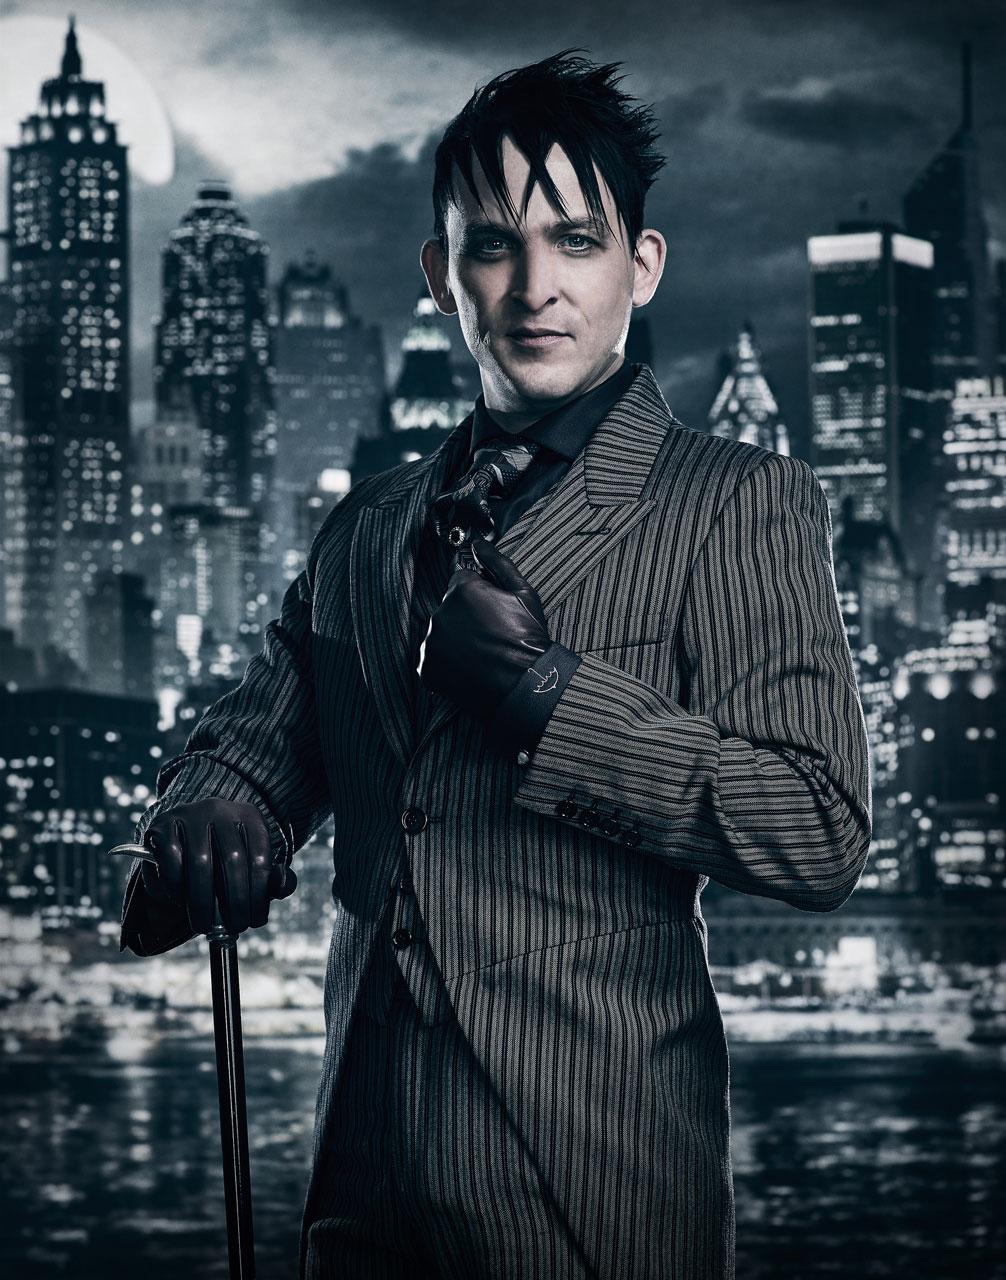 Gotham-Robin-Lord-Taylor.jpg